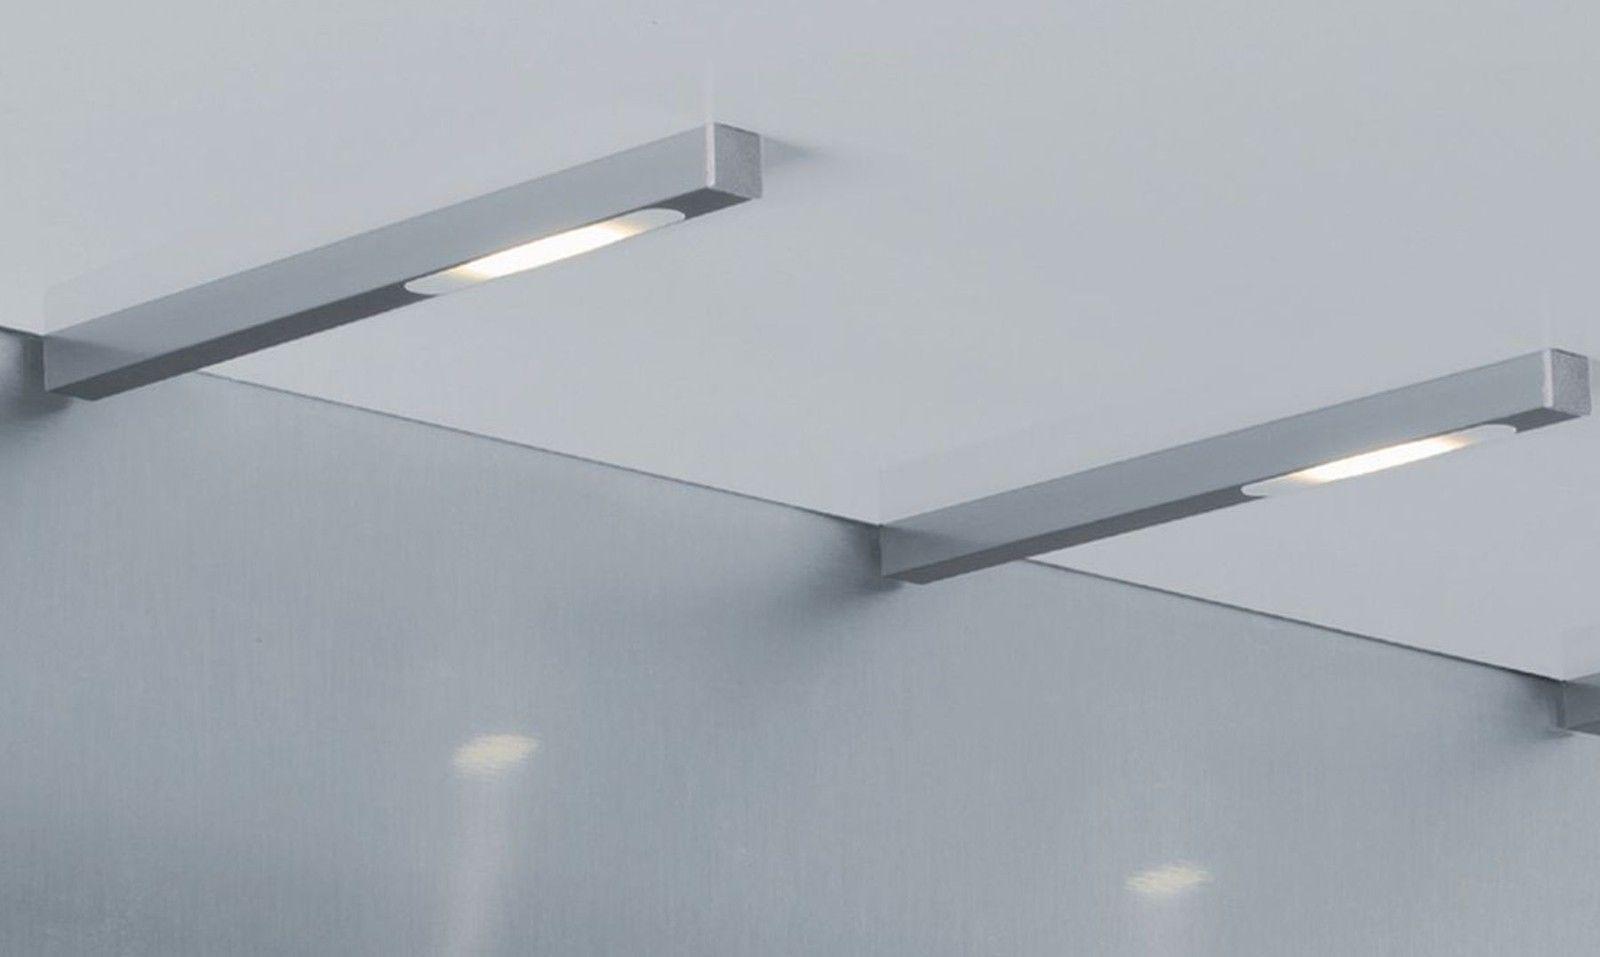 kuchenschrank unterbauleuchte : LED Einbauleuchte 2-er Set Unterbauleuchte 3, 5W K?chenschrank ...